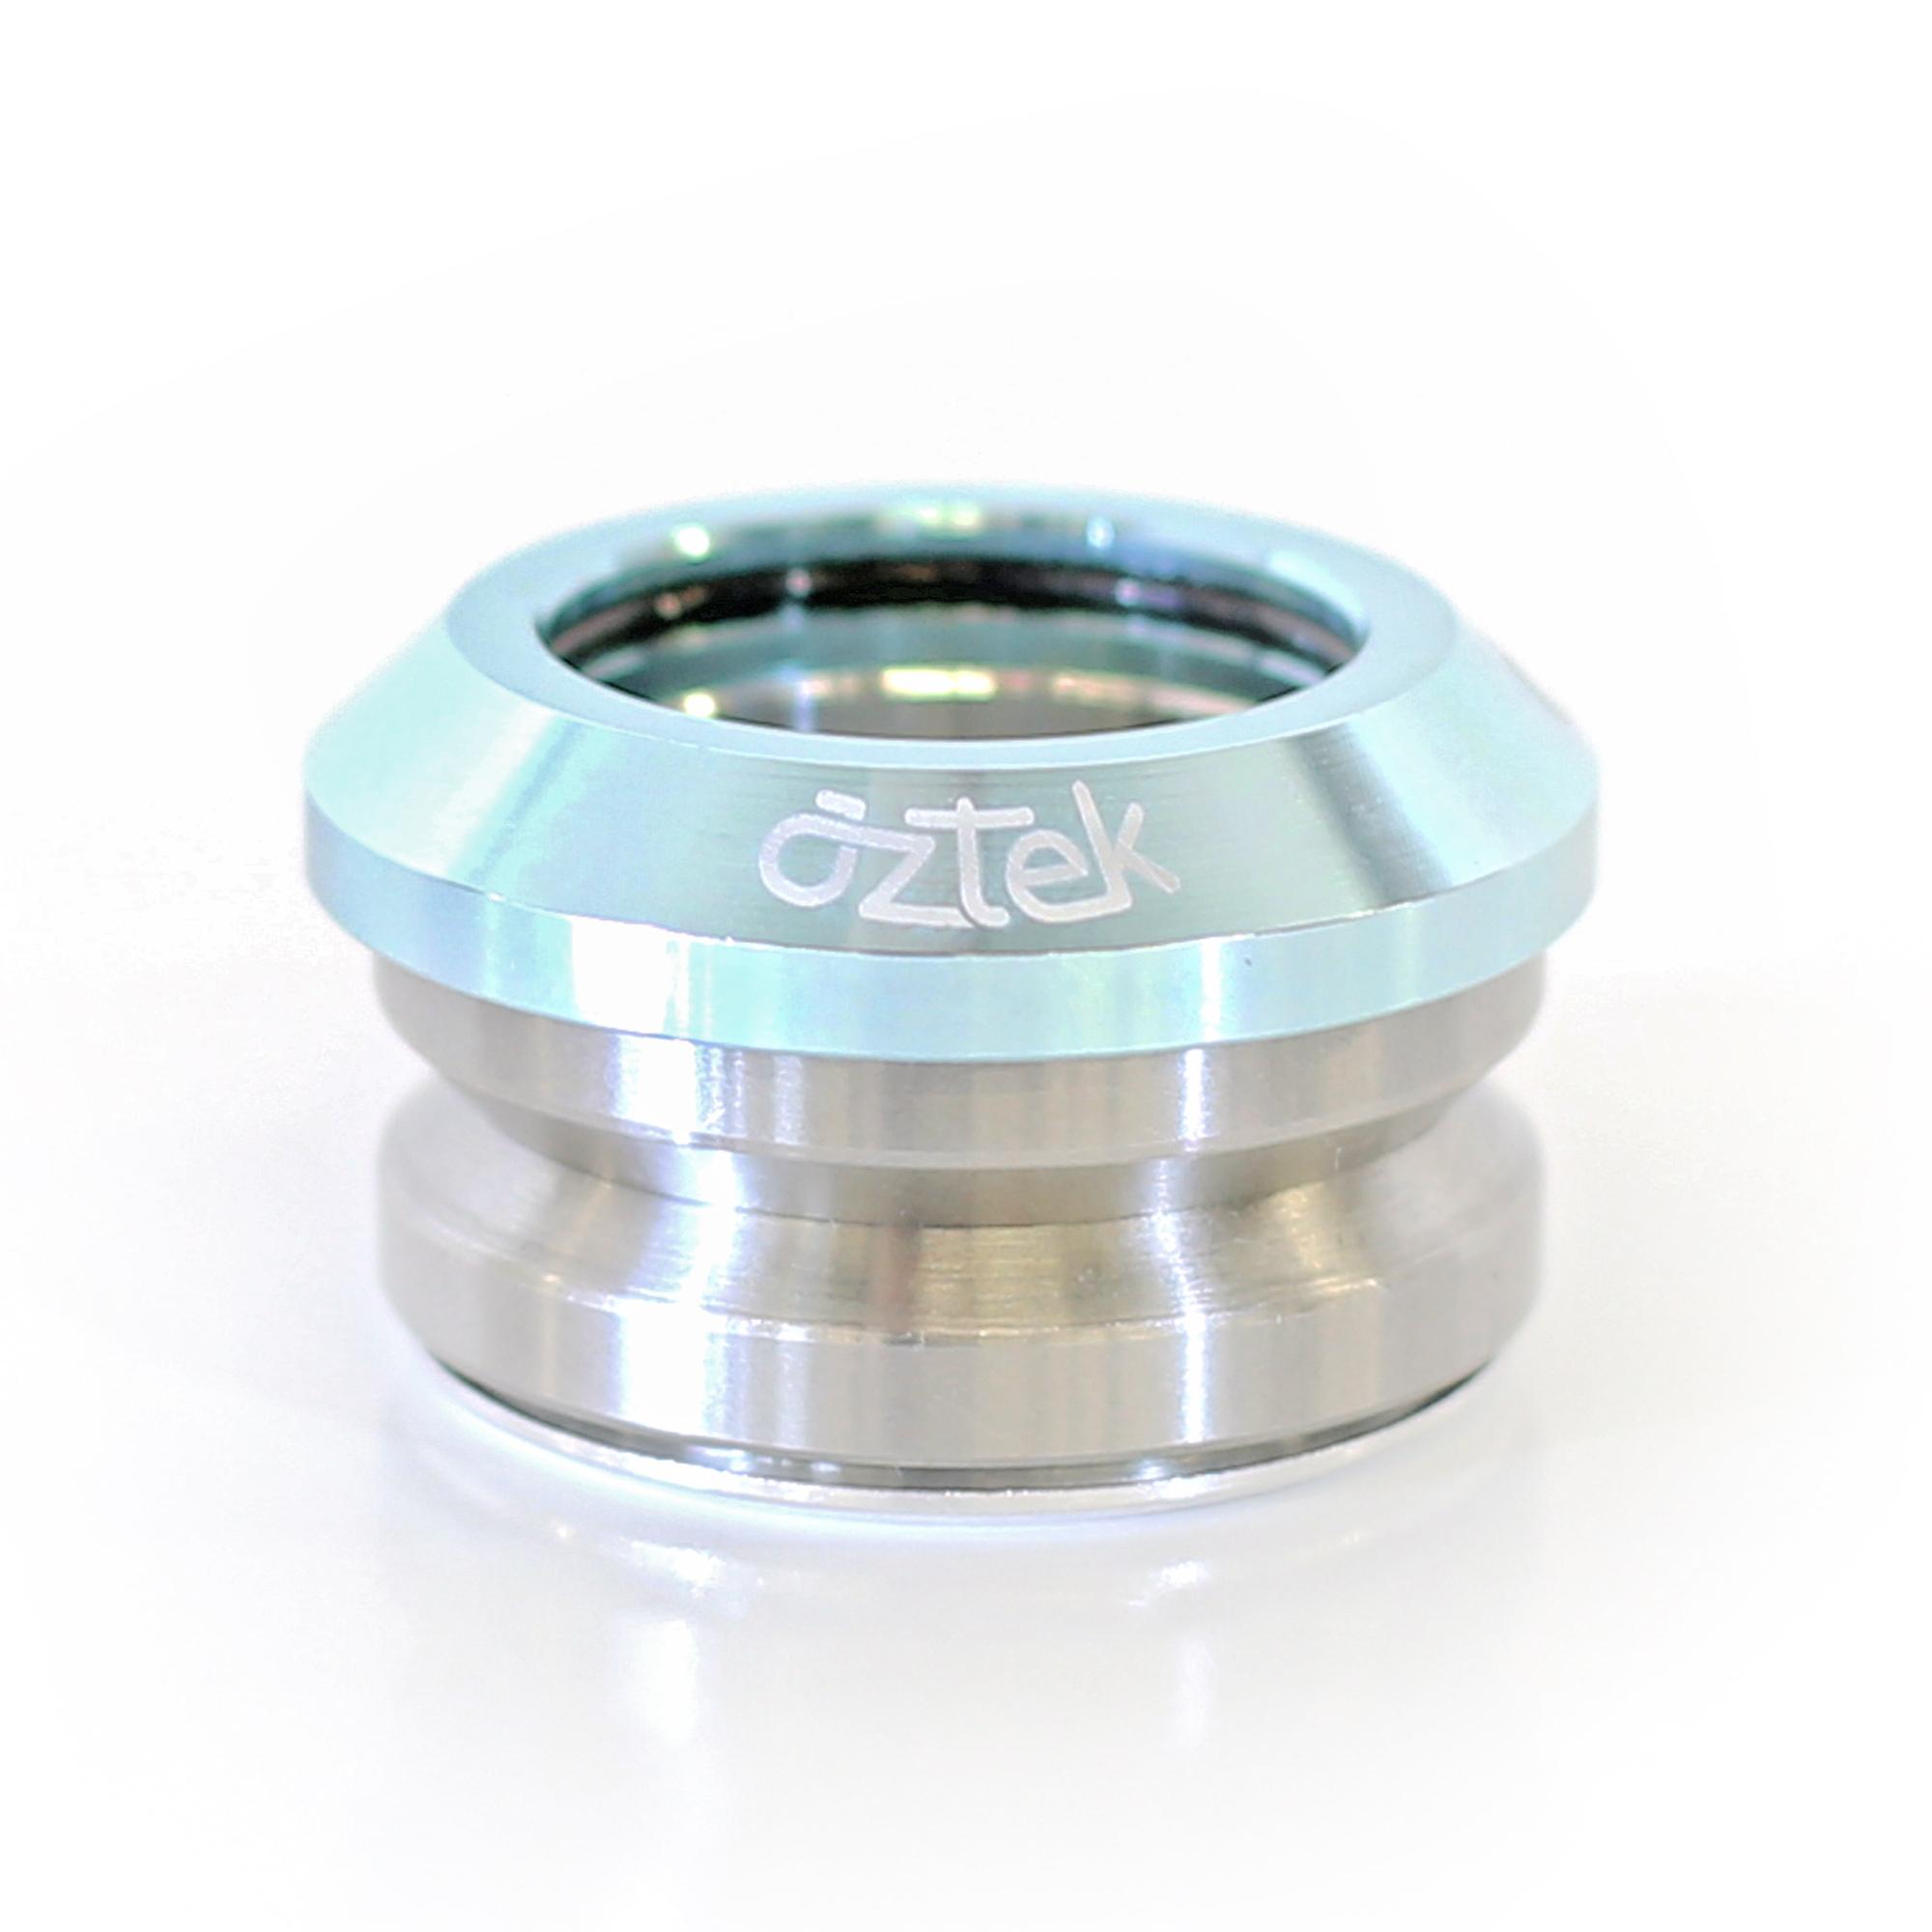 Рулевая колонка AZTEK Headset (Aqua)